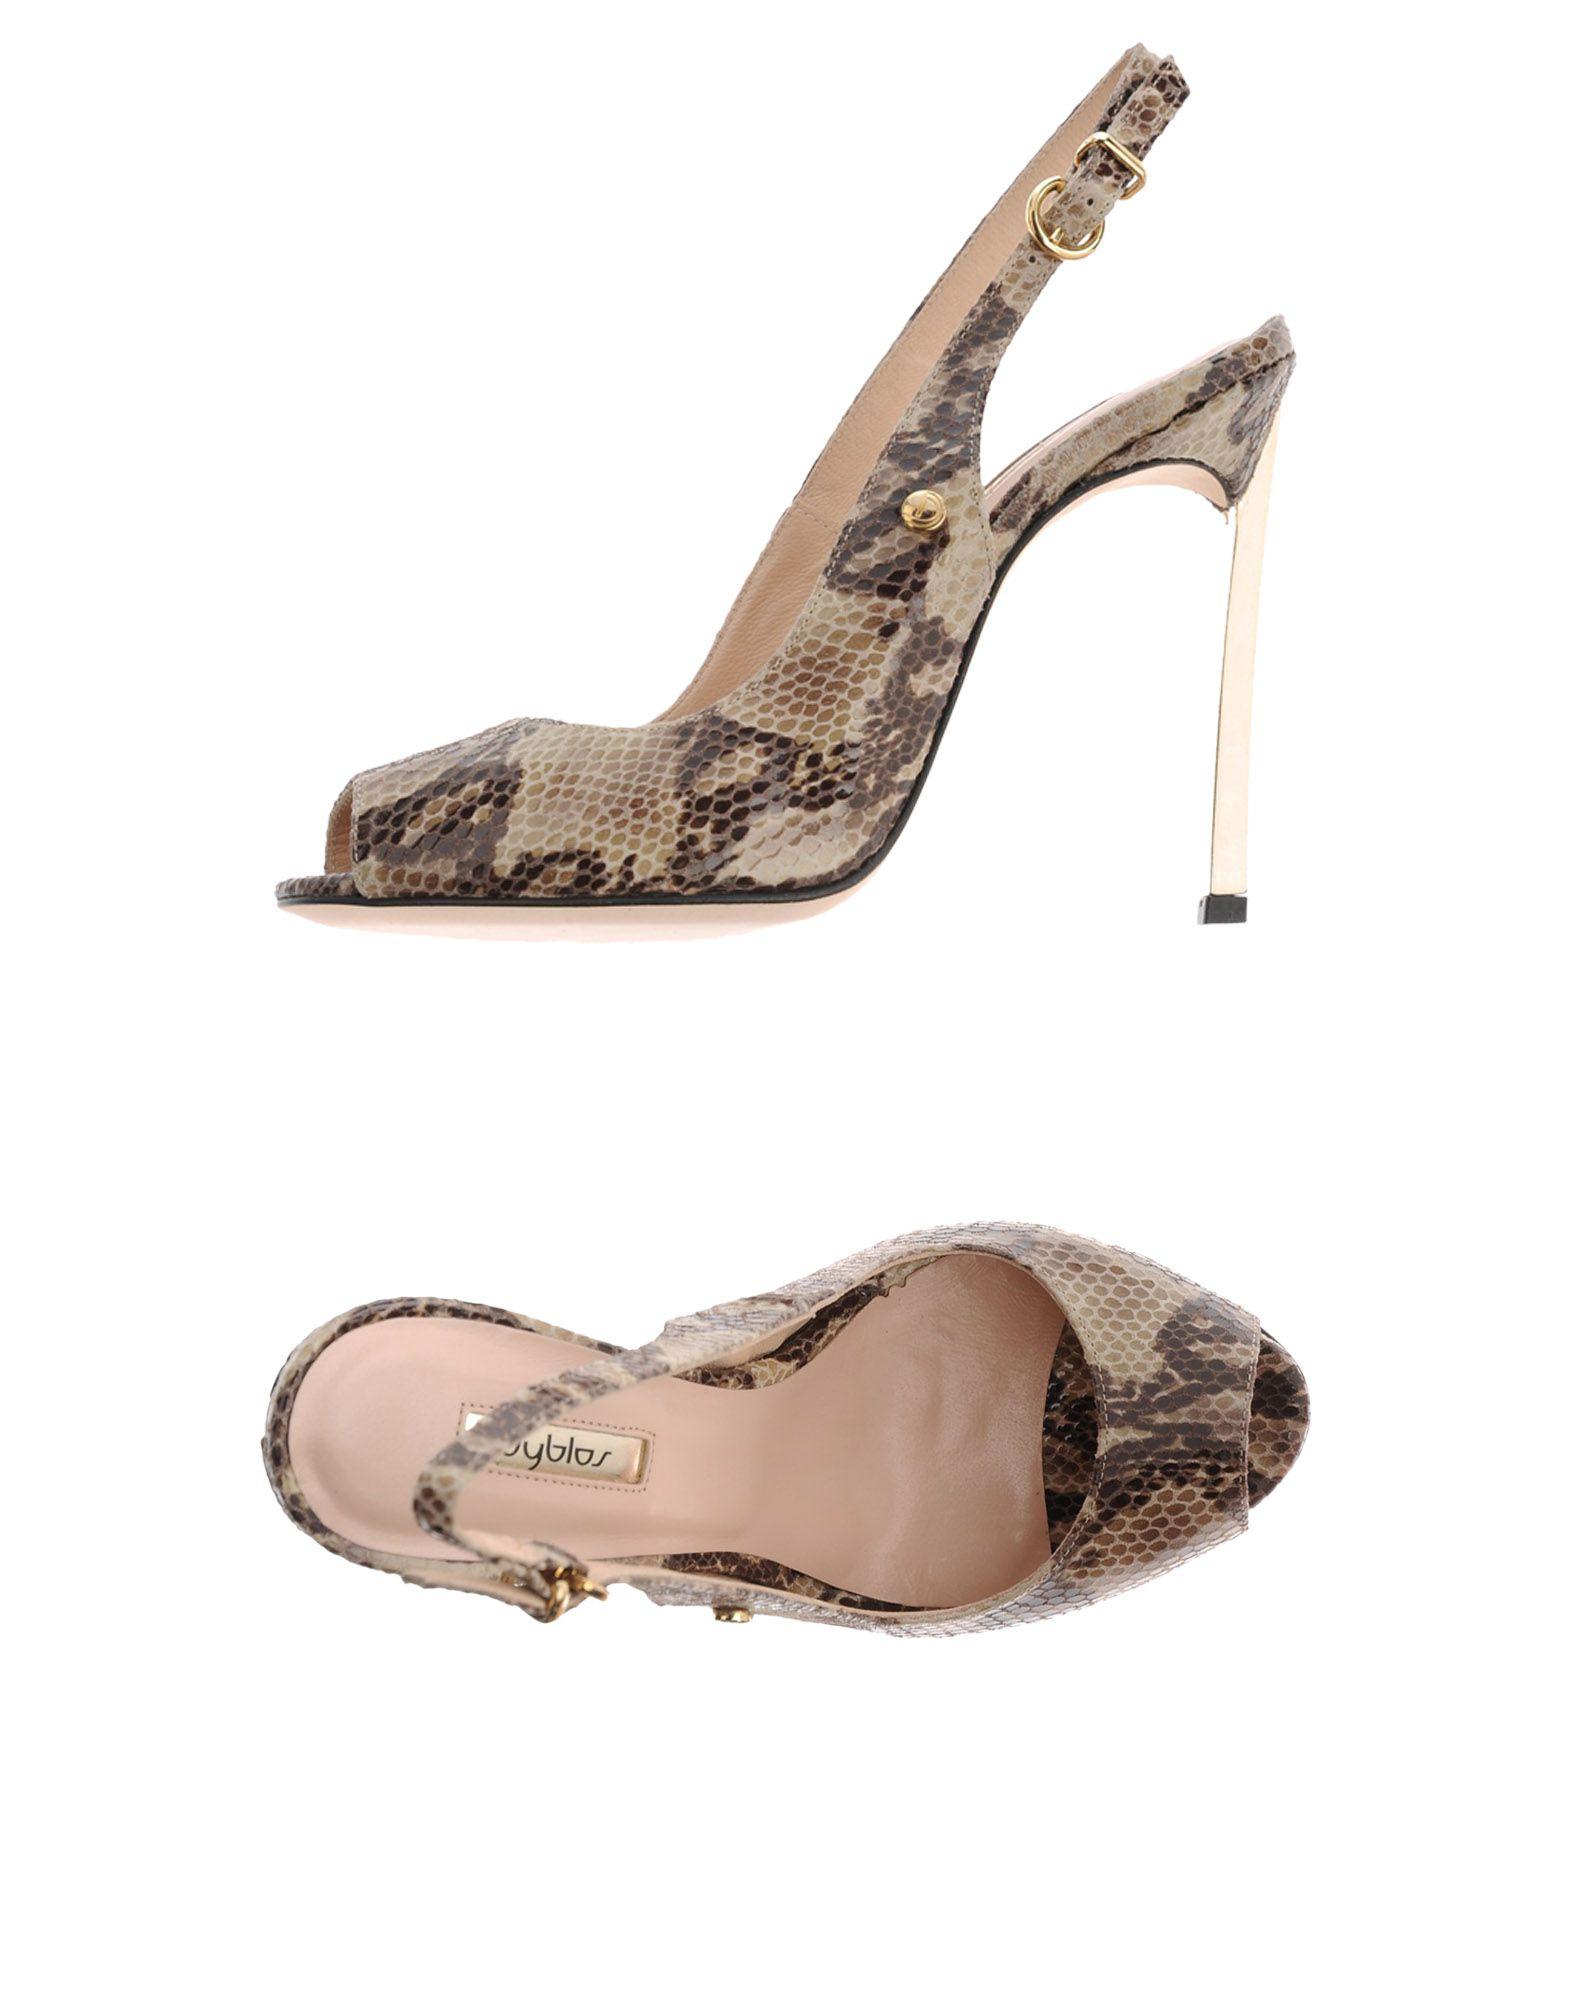 Sandales Byblos Femme - Sandales Byblos sur